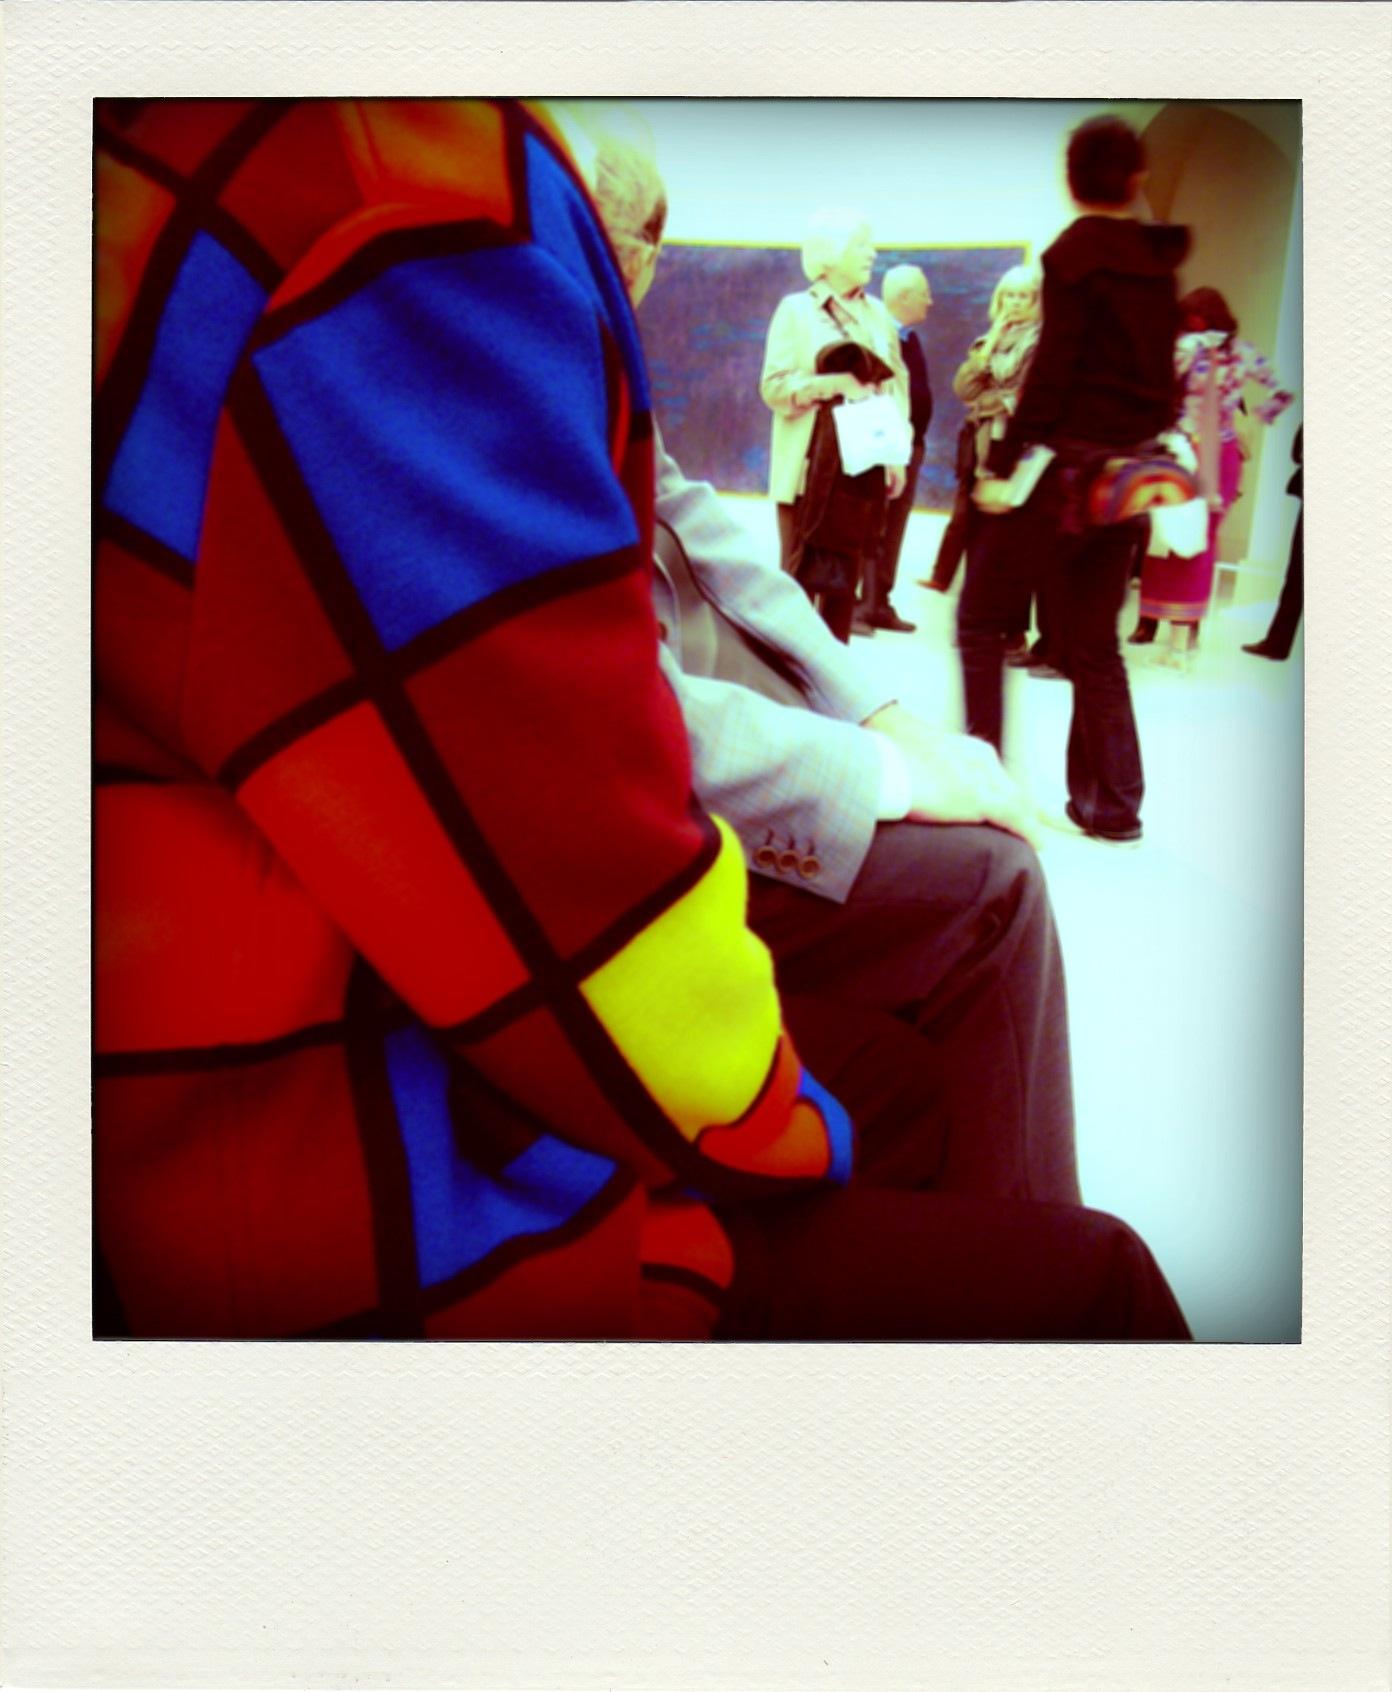 Museum Polaroid by Pedro Paulo